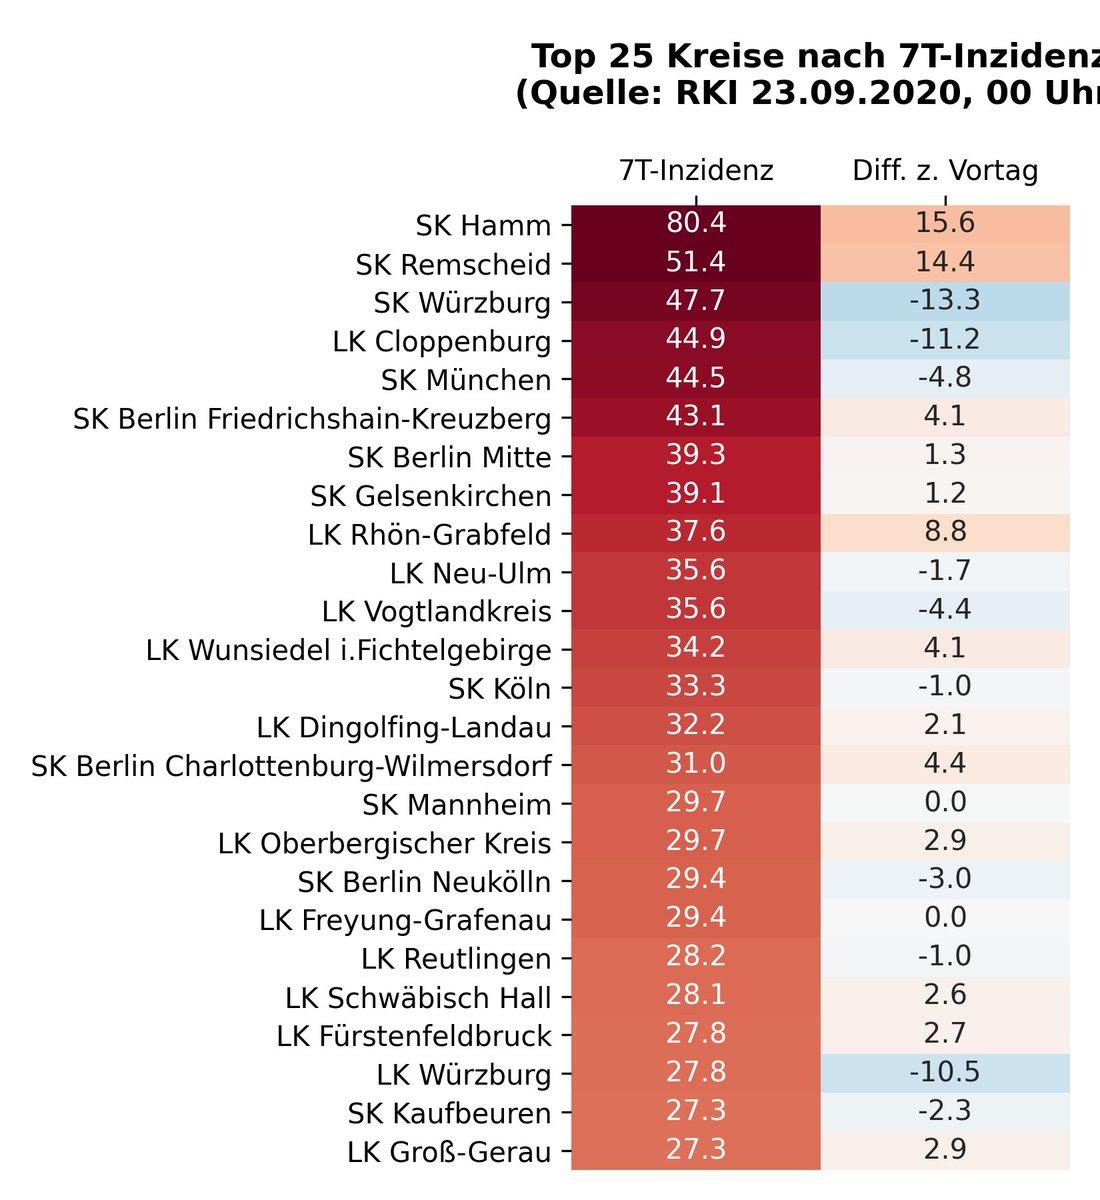 15 Kreise mit einer 7-Tage-Inzidenz höher als 30: SK #Hamm, SK #Remscheid, SK #Würzburg, LK #Cloppenburg, SK #München, #Berlin Friedrichshain-Kreuzberg, #Berlin Mitte, SK #Gelsenkirchen, LK Rhön-Grabfeld, LK Neu-Ulm Stand 23.09.2020. Quelle: https://t.co/1tGRxWLATT #covid19de https://t.co/bx90IPkTXB